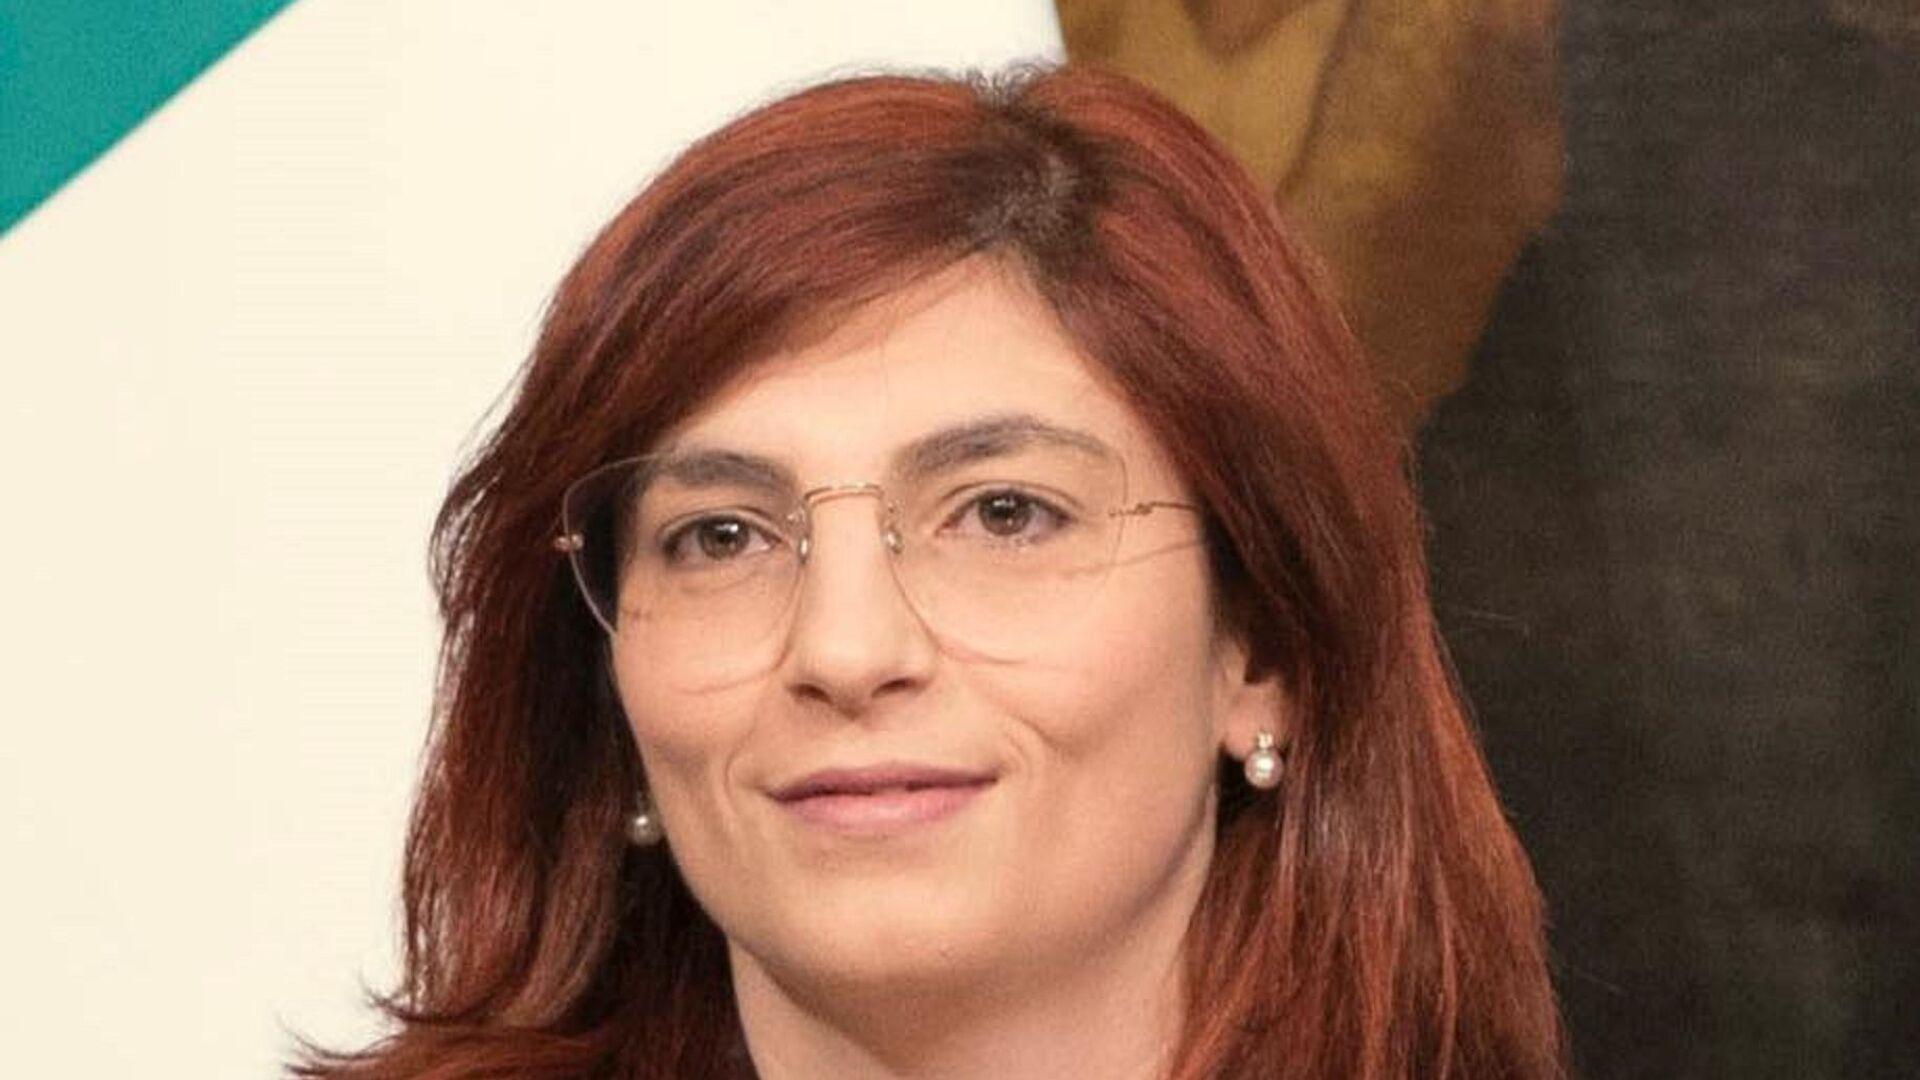 Viceministro dell'Economia e delle Finanza Laura Castelli - Sputnik Italia, 1920, 13.08.2021